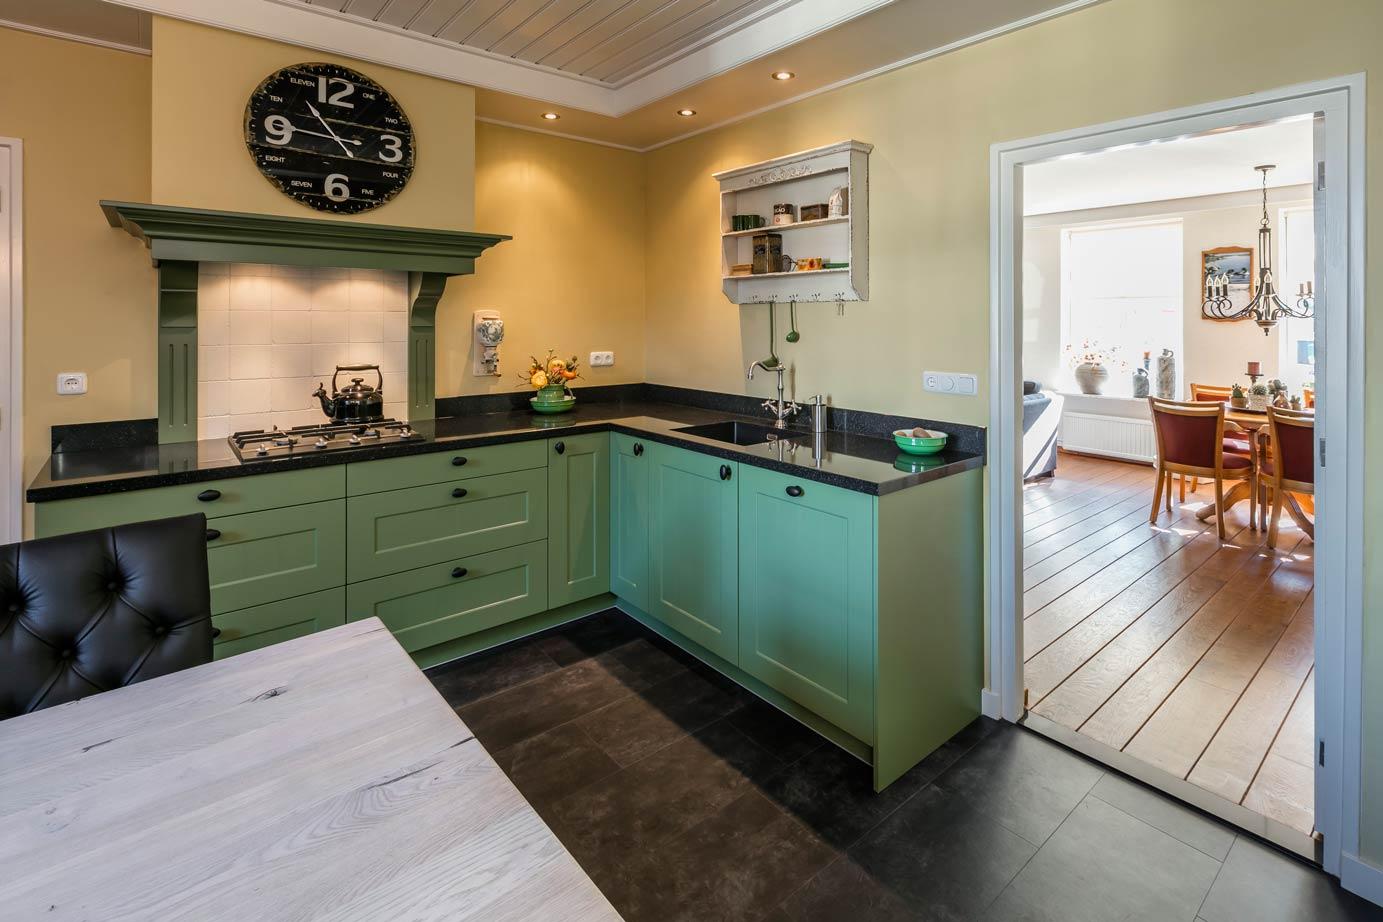 Landelijk Kleuren Keuken : Landelijk kleuren keuken eigen huis en tuin